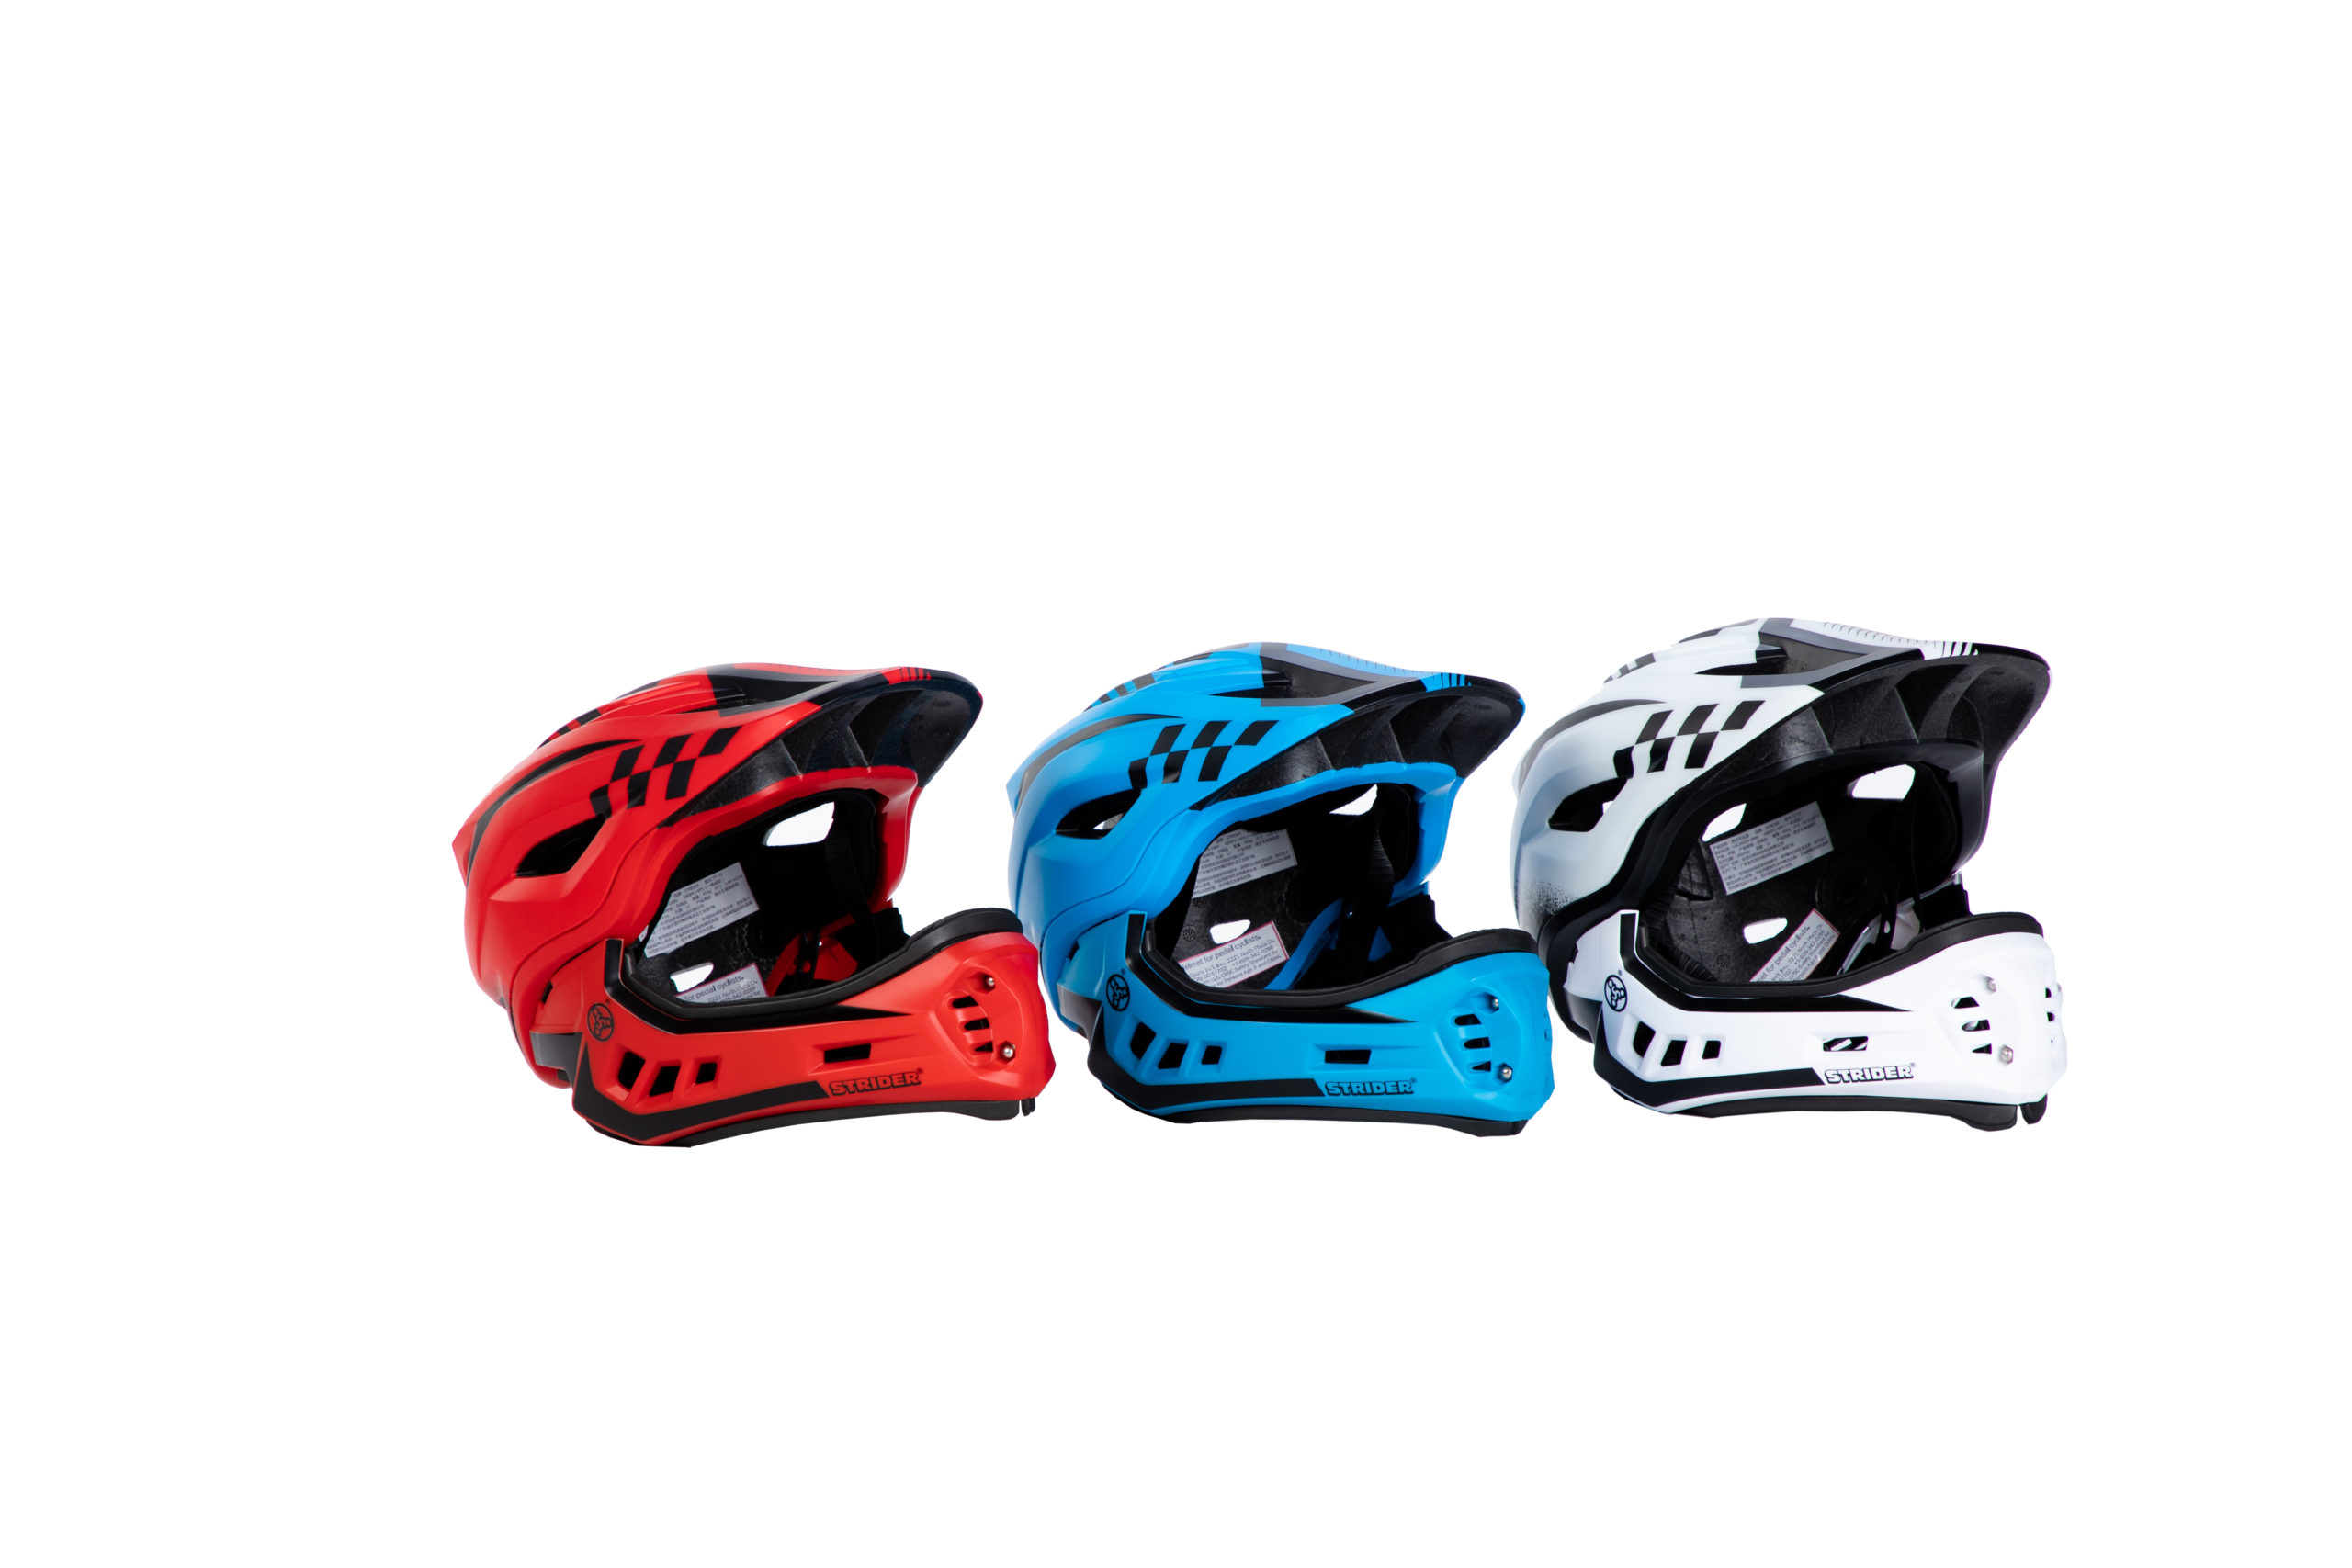 Red, Blue, White ST-R Full-Face Helmets